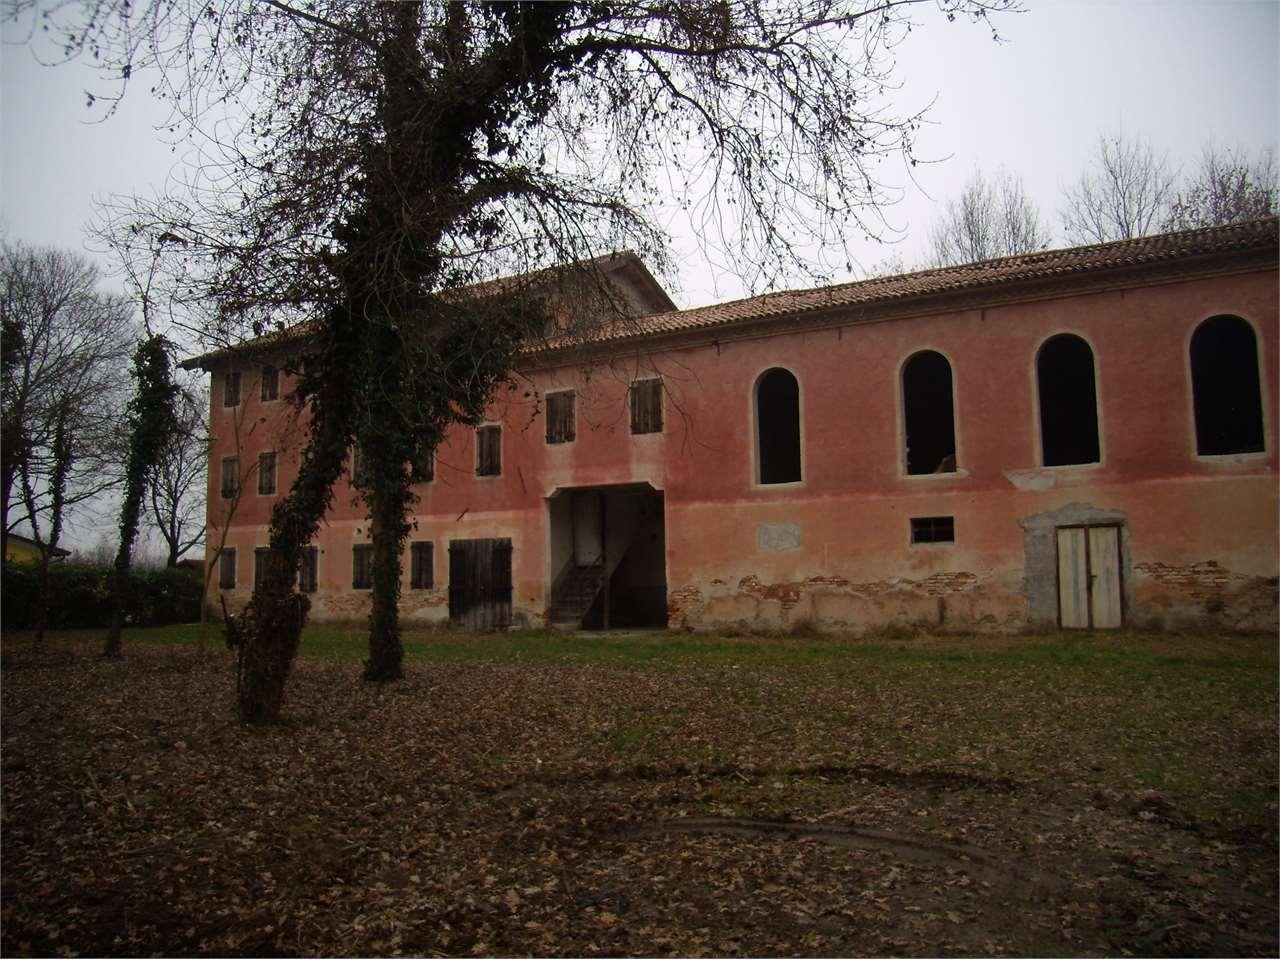 Rustico / Casale in vendita a Salgareda, 13 locali, prezzo € 300.000 | CambioCasa.it